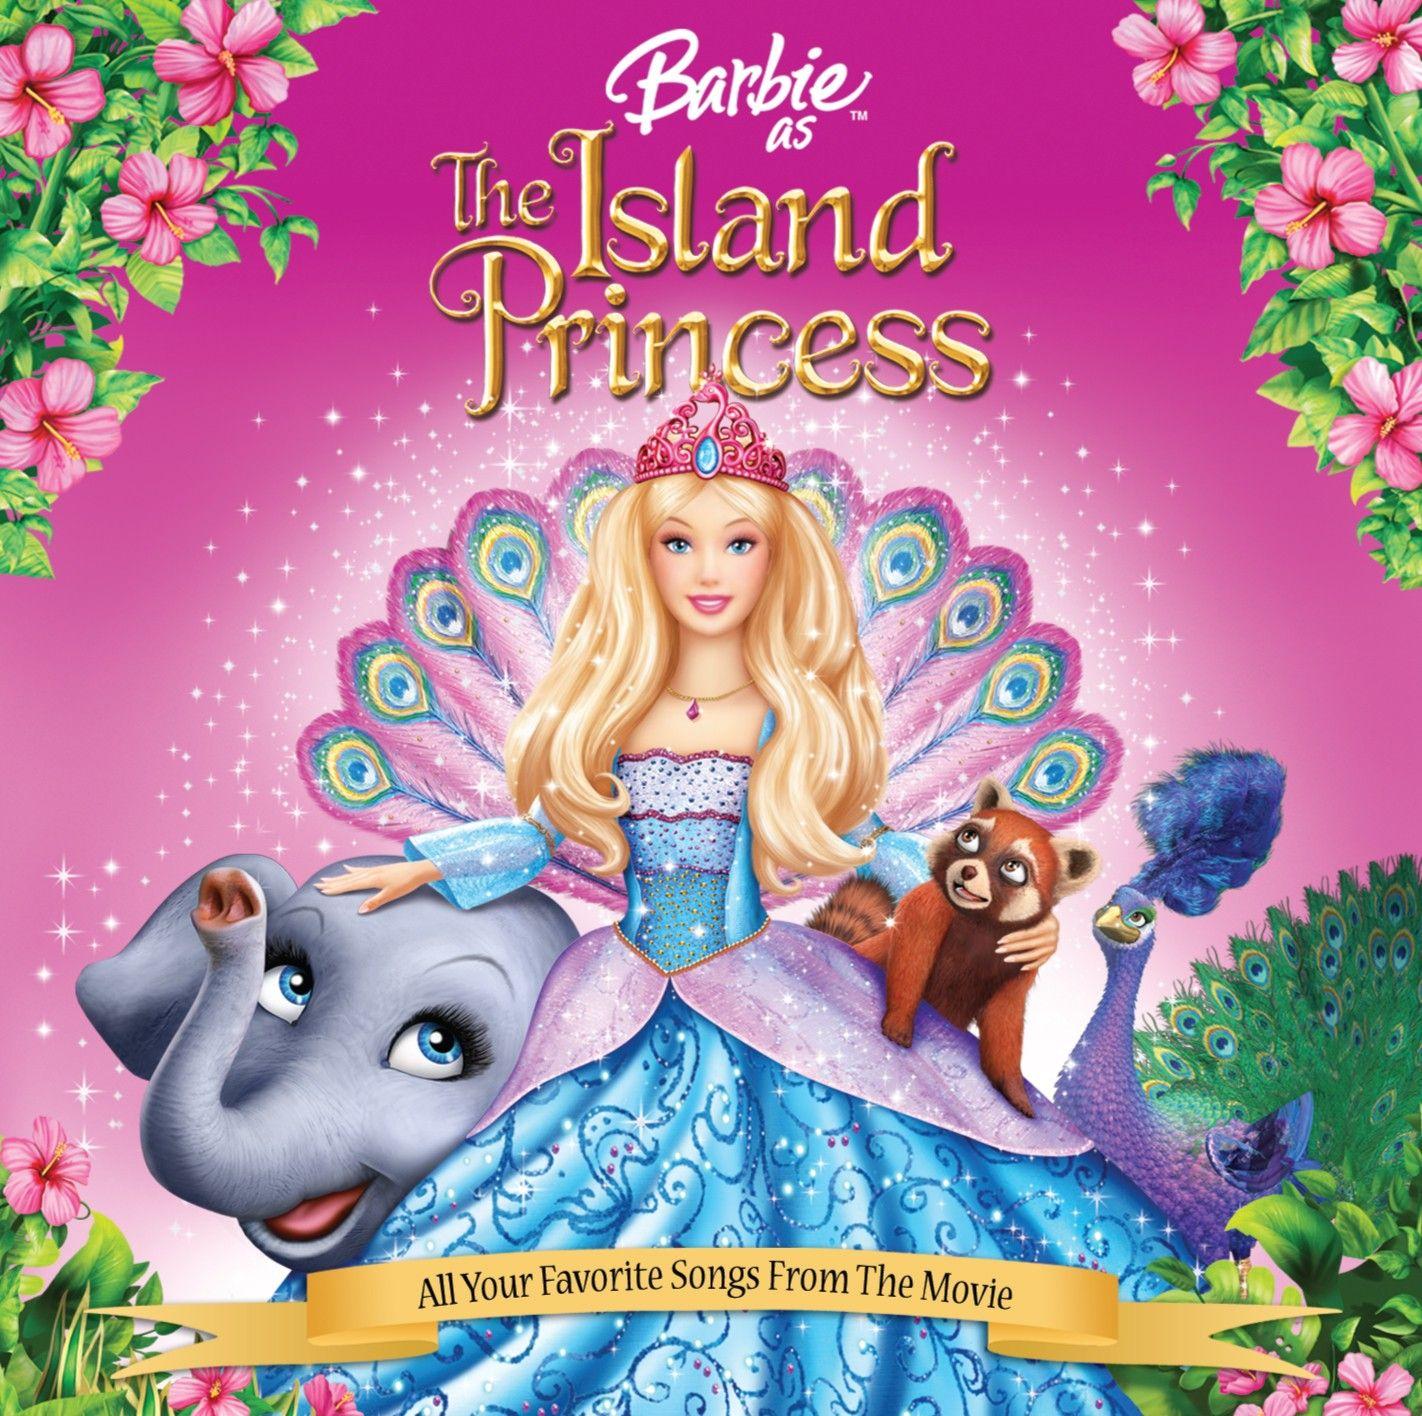 Barbie As The Island Princess Peliculas De Barbie Peliculas De Princesas Peliculas Musicales